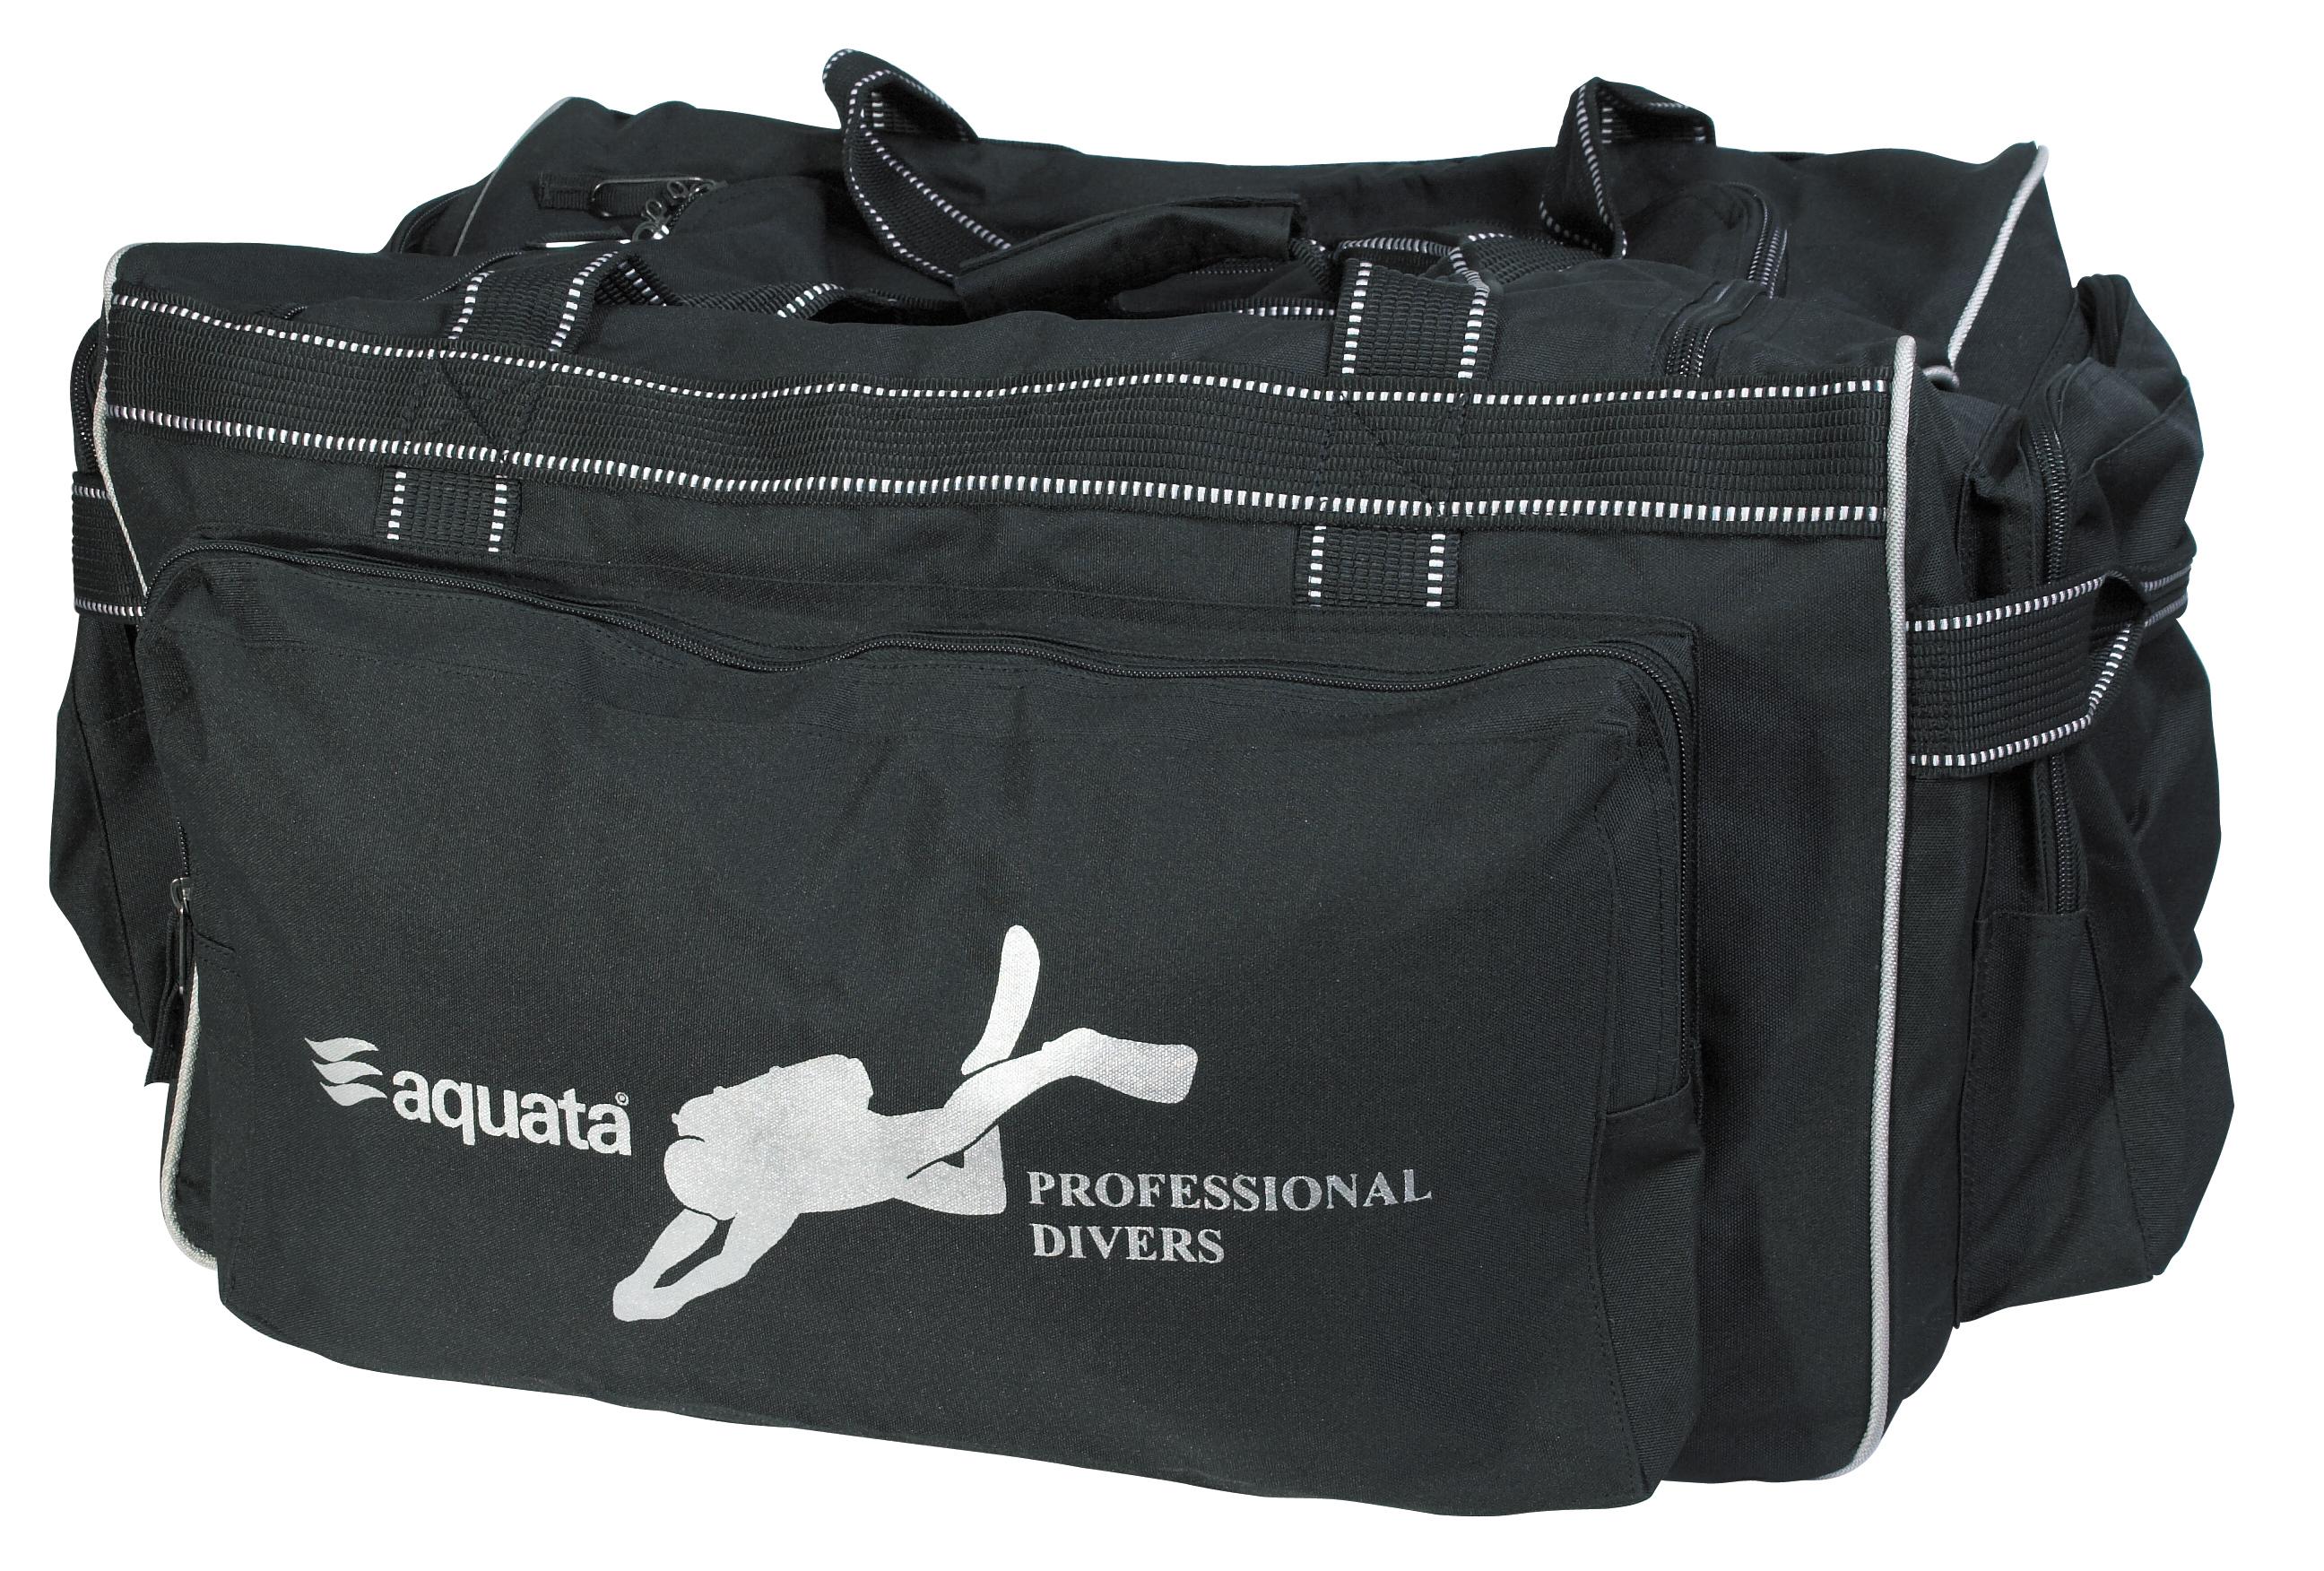 Reisetasche für Tauchequipment - aquata SEABAG 4